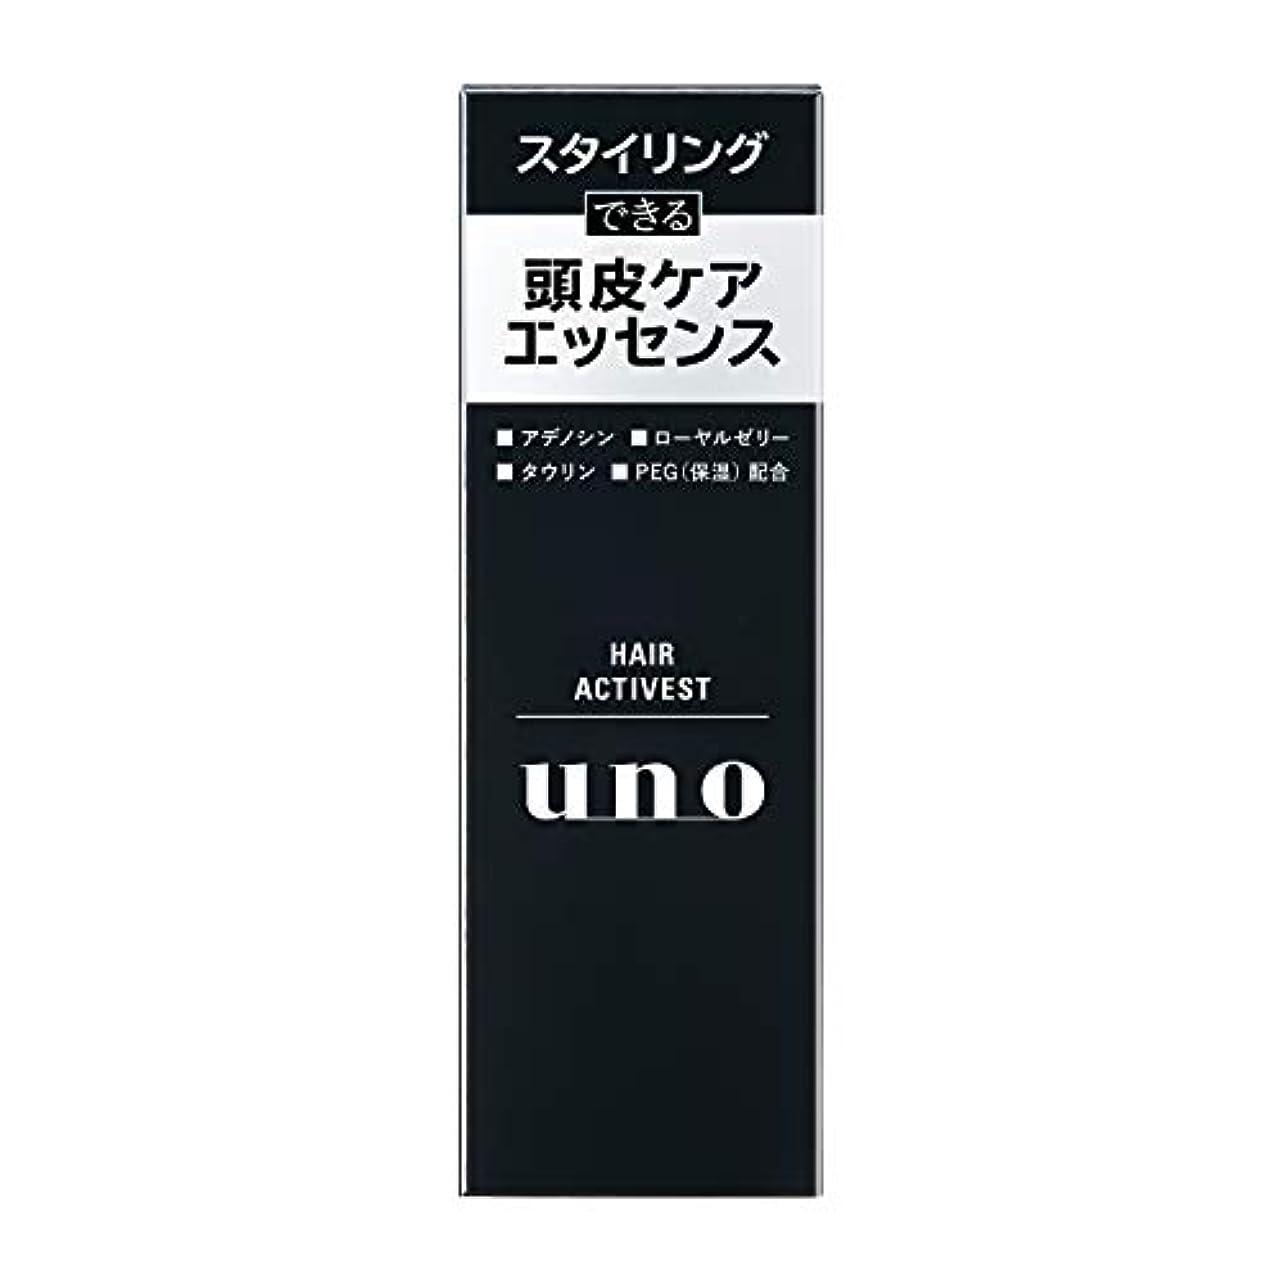 単なる必要条件コウモリUNO(ウーノ) ウーノ ヘアアクティベスト 100ml ヘアオイル